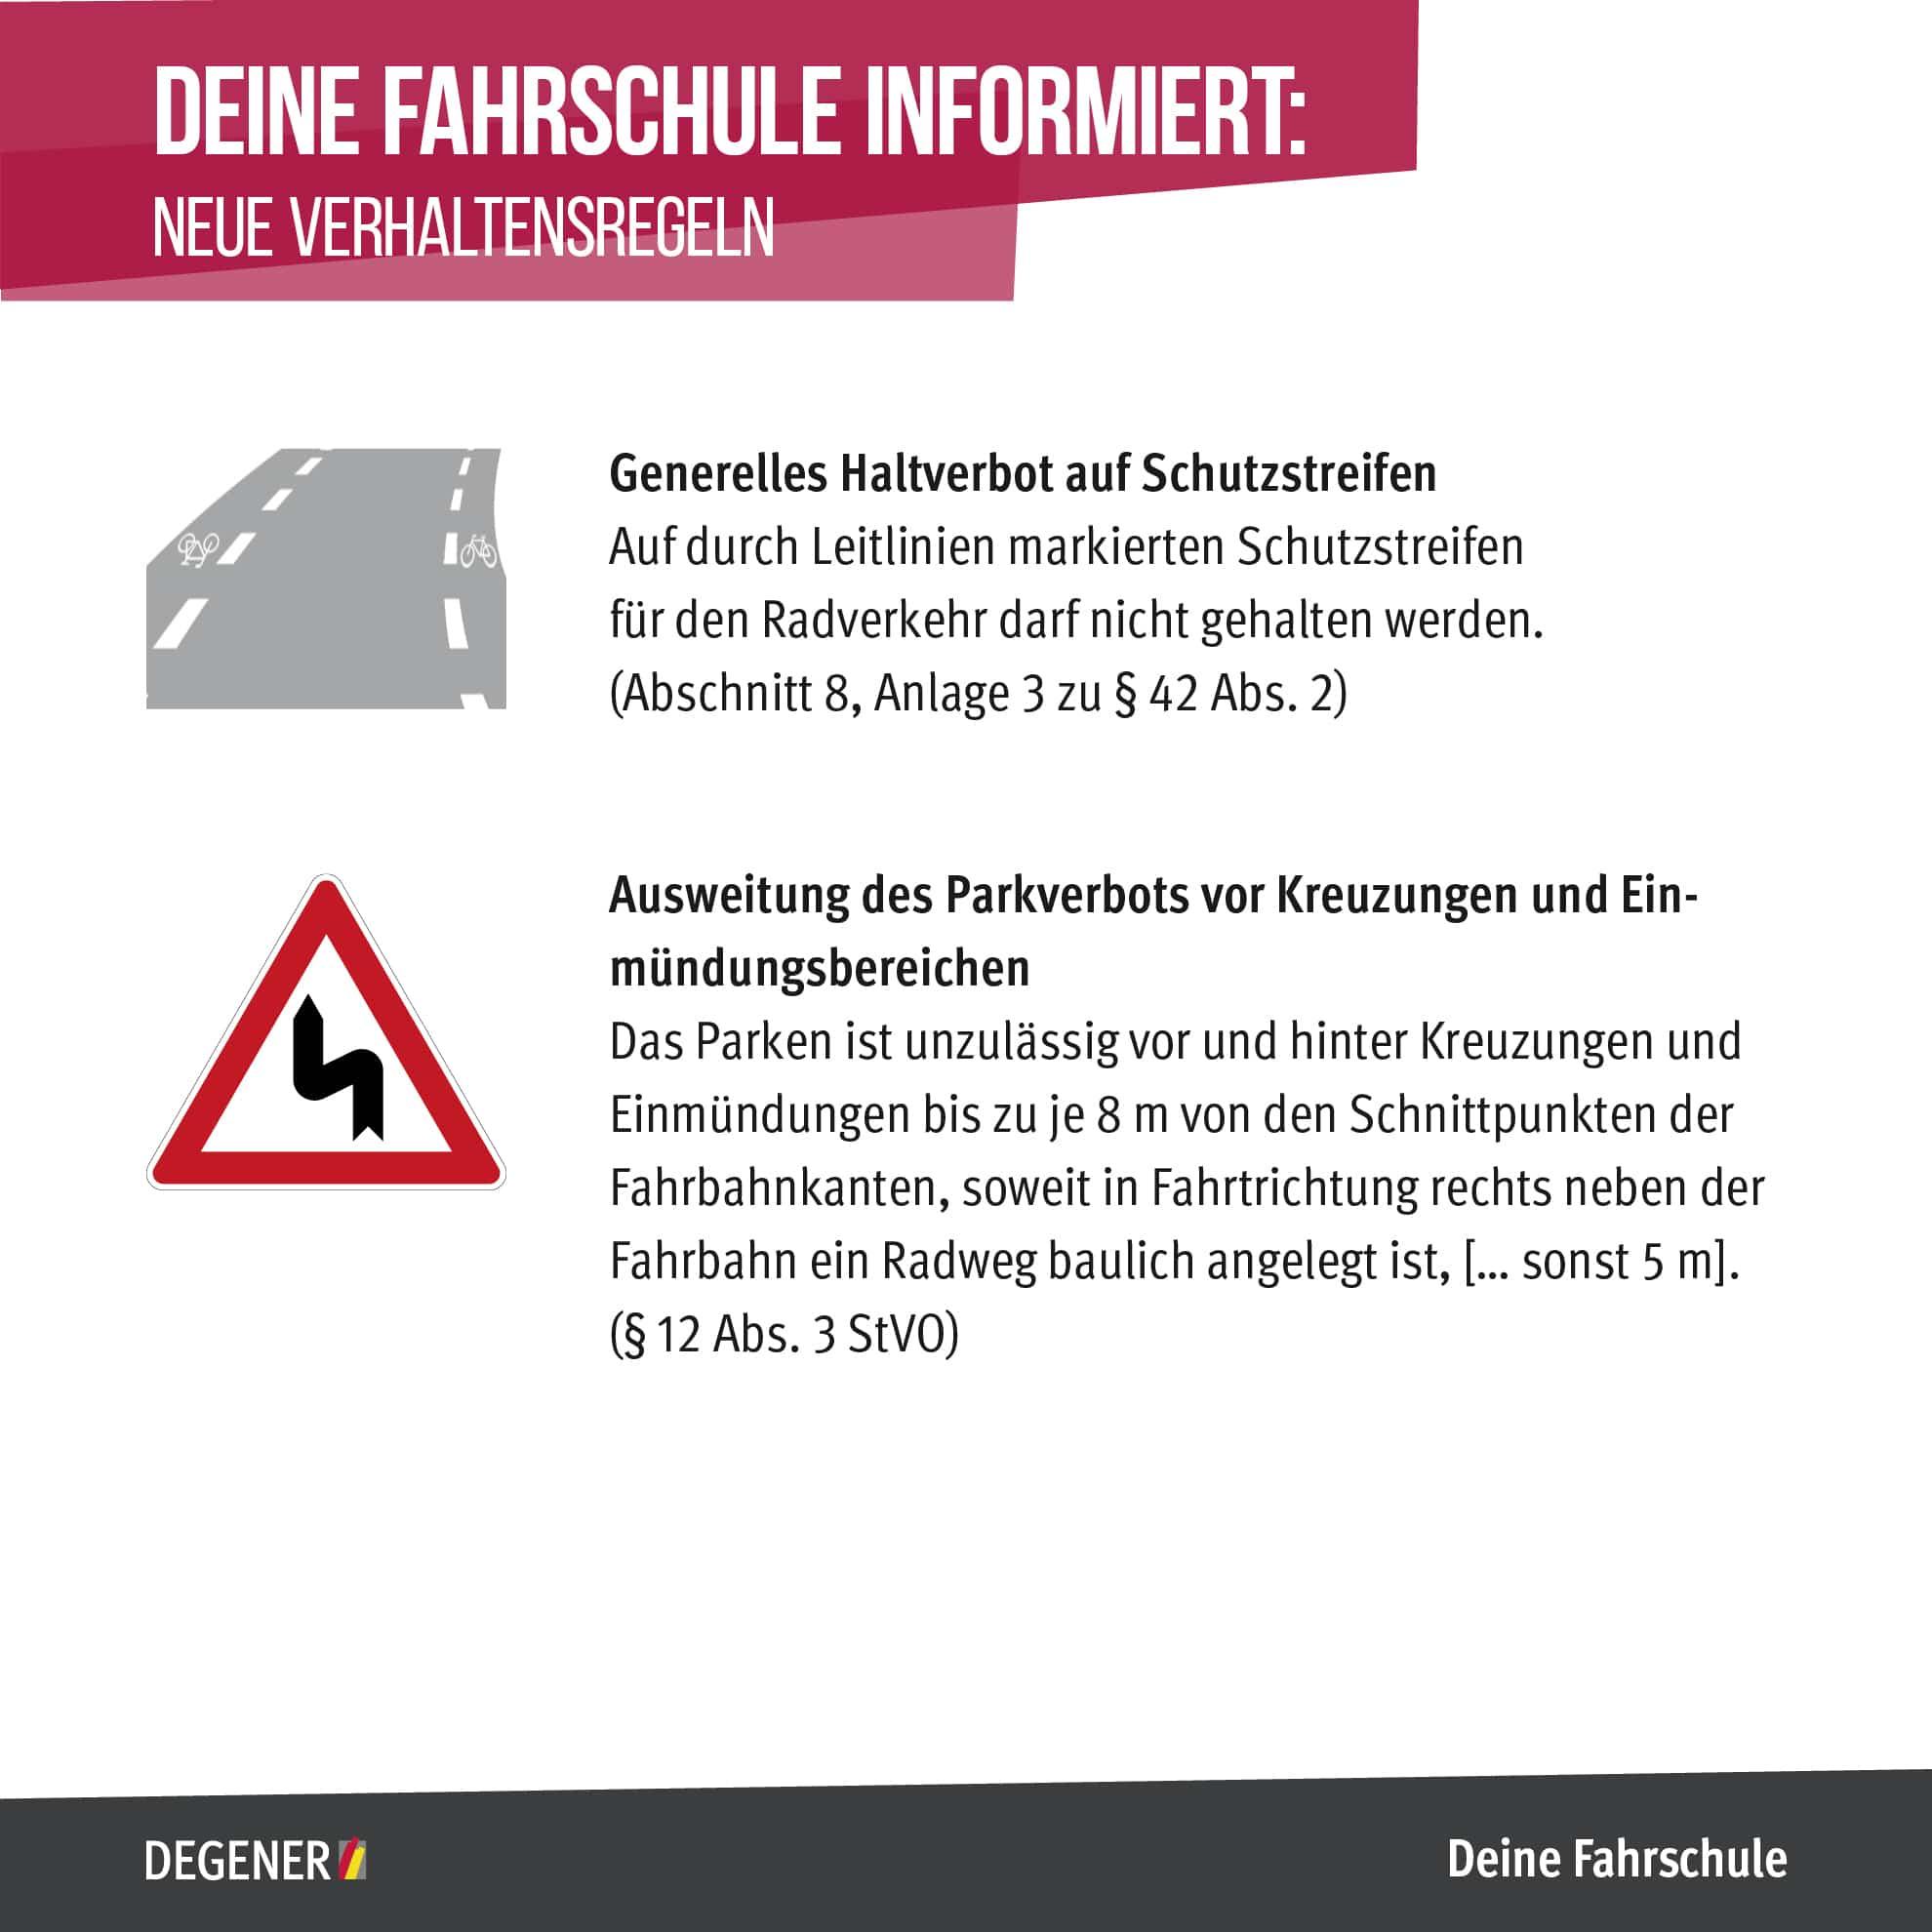 11_Deine-FS-informiert-neue-Verkehrszeichen